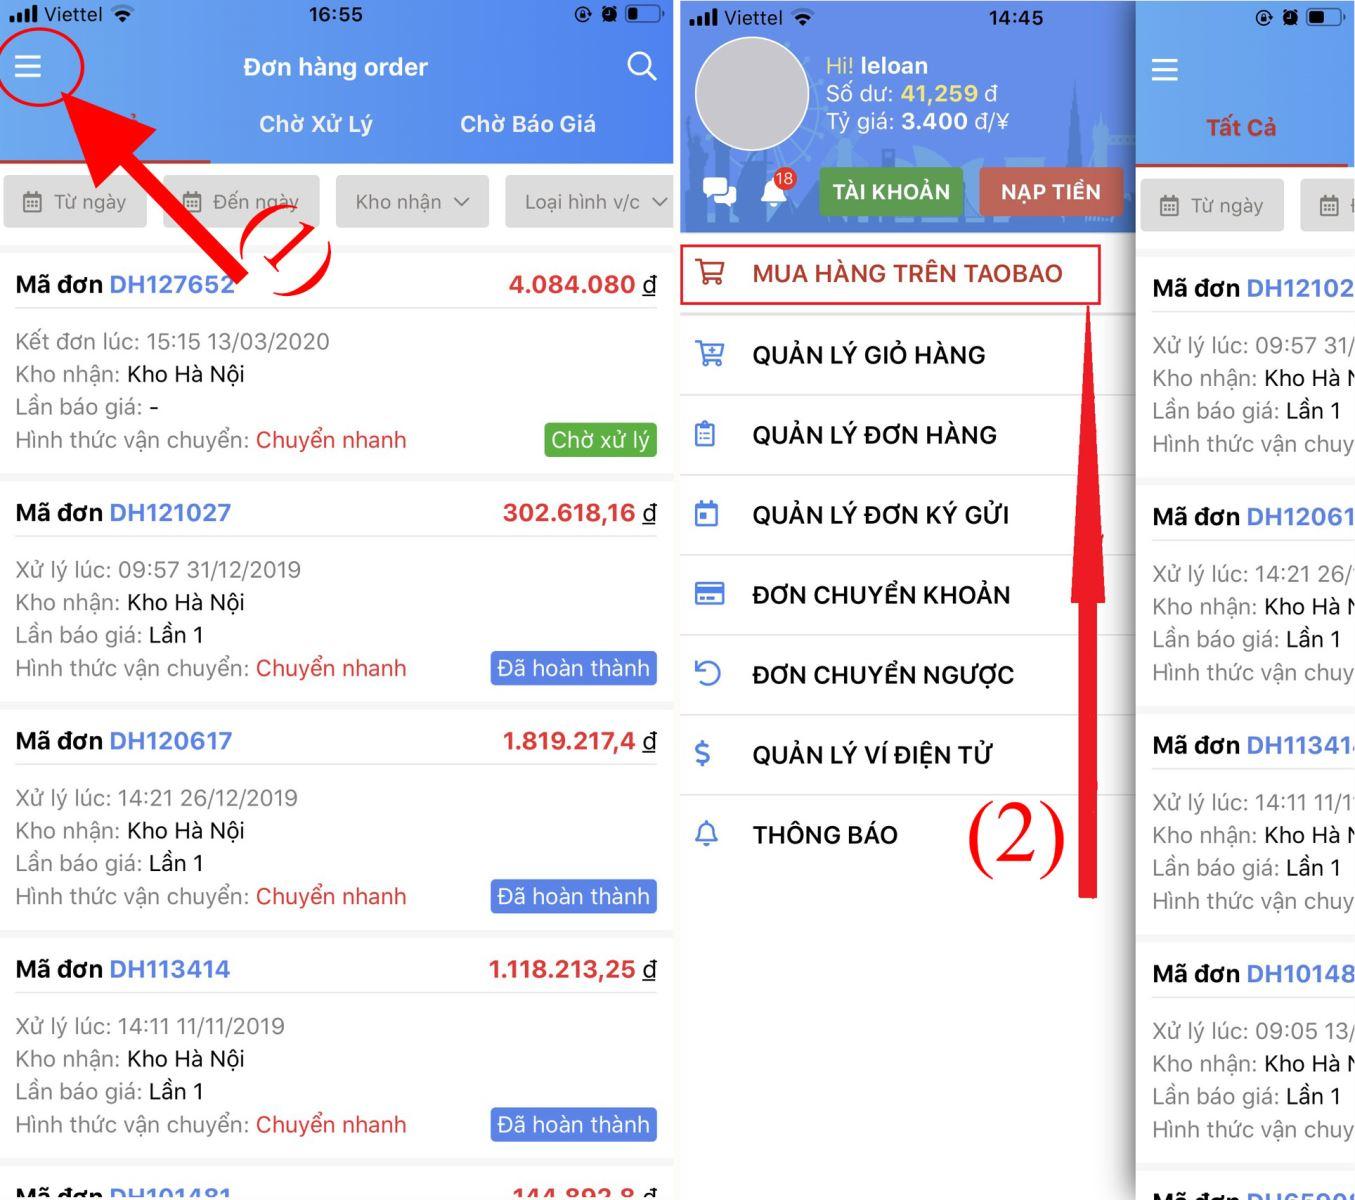 hướng dẫn mua hàng taobao trên điện thoại